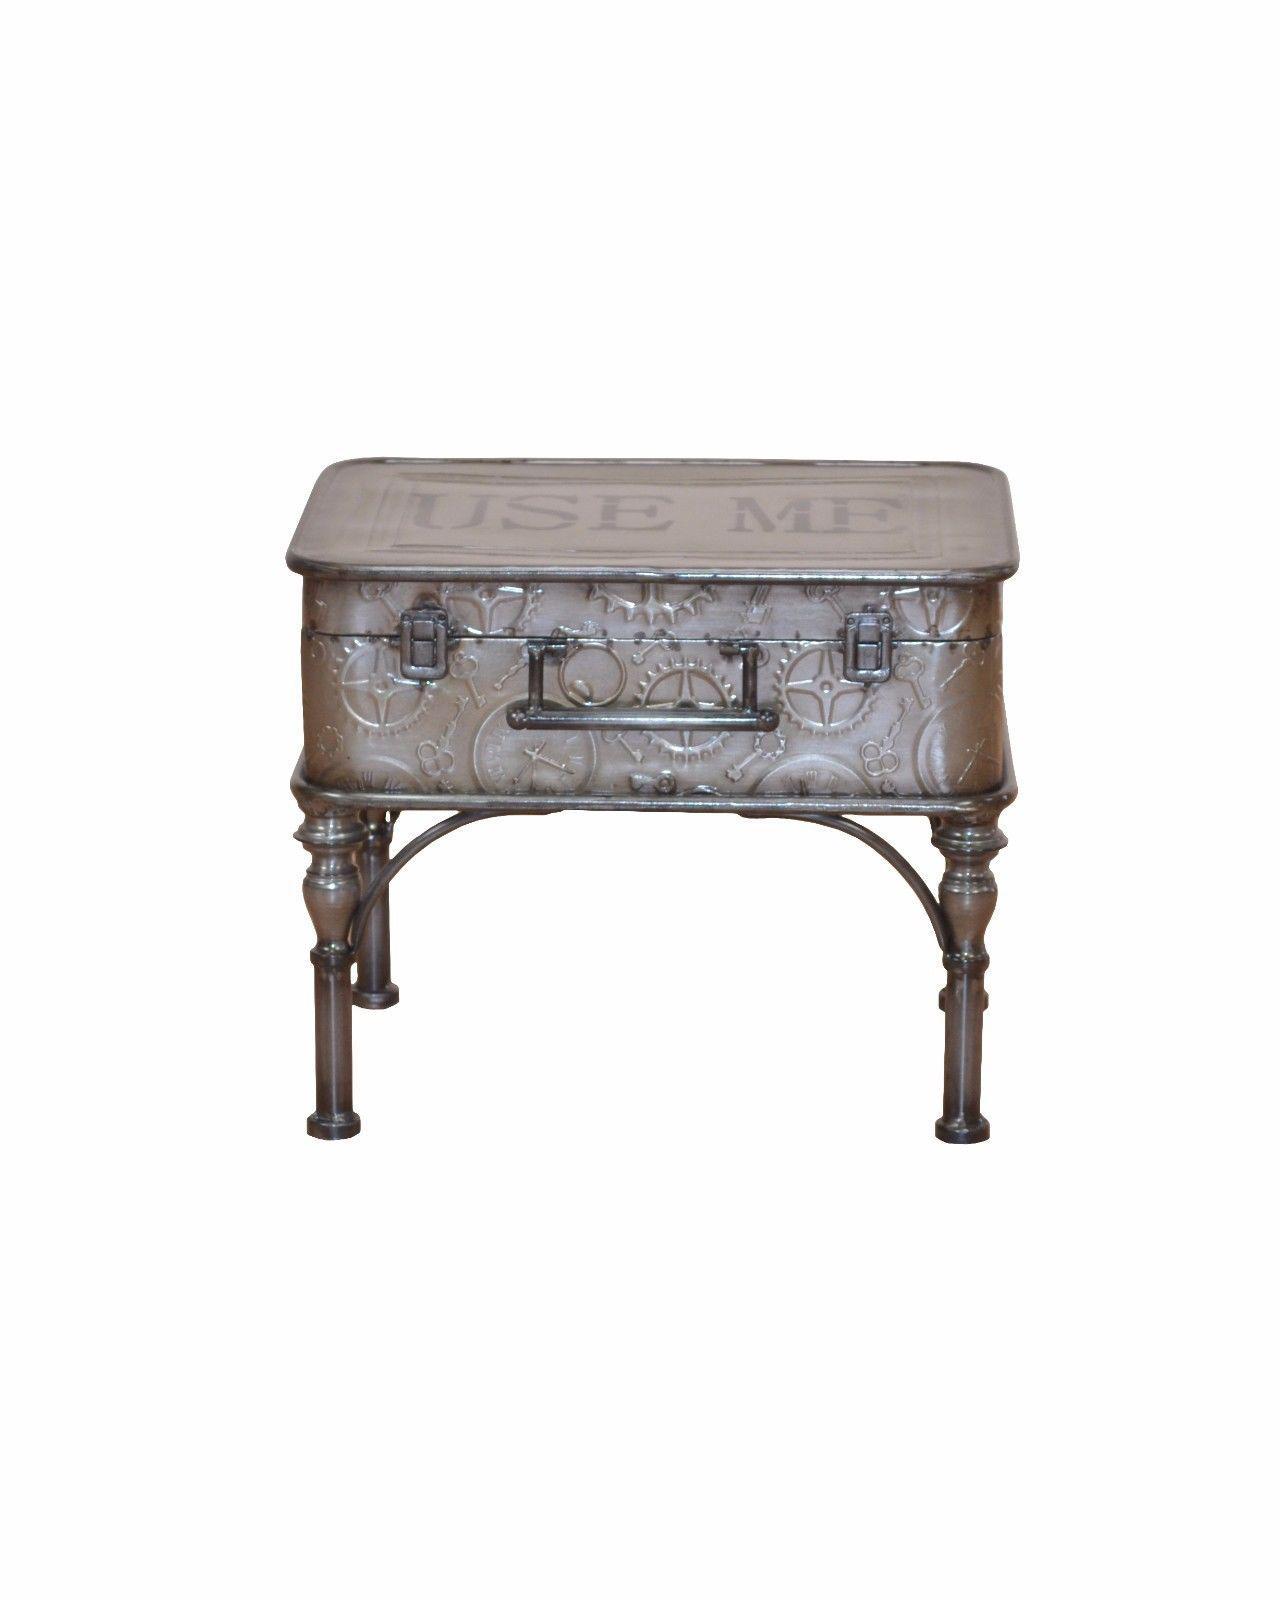 Beistelltisch antik metall  Couchtisch Koffer Metall Beistelltisch Vintage used look design ...